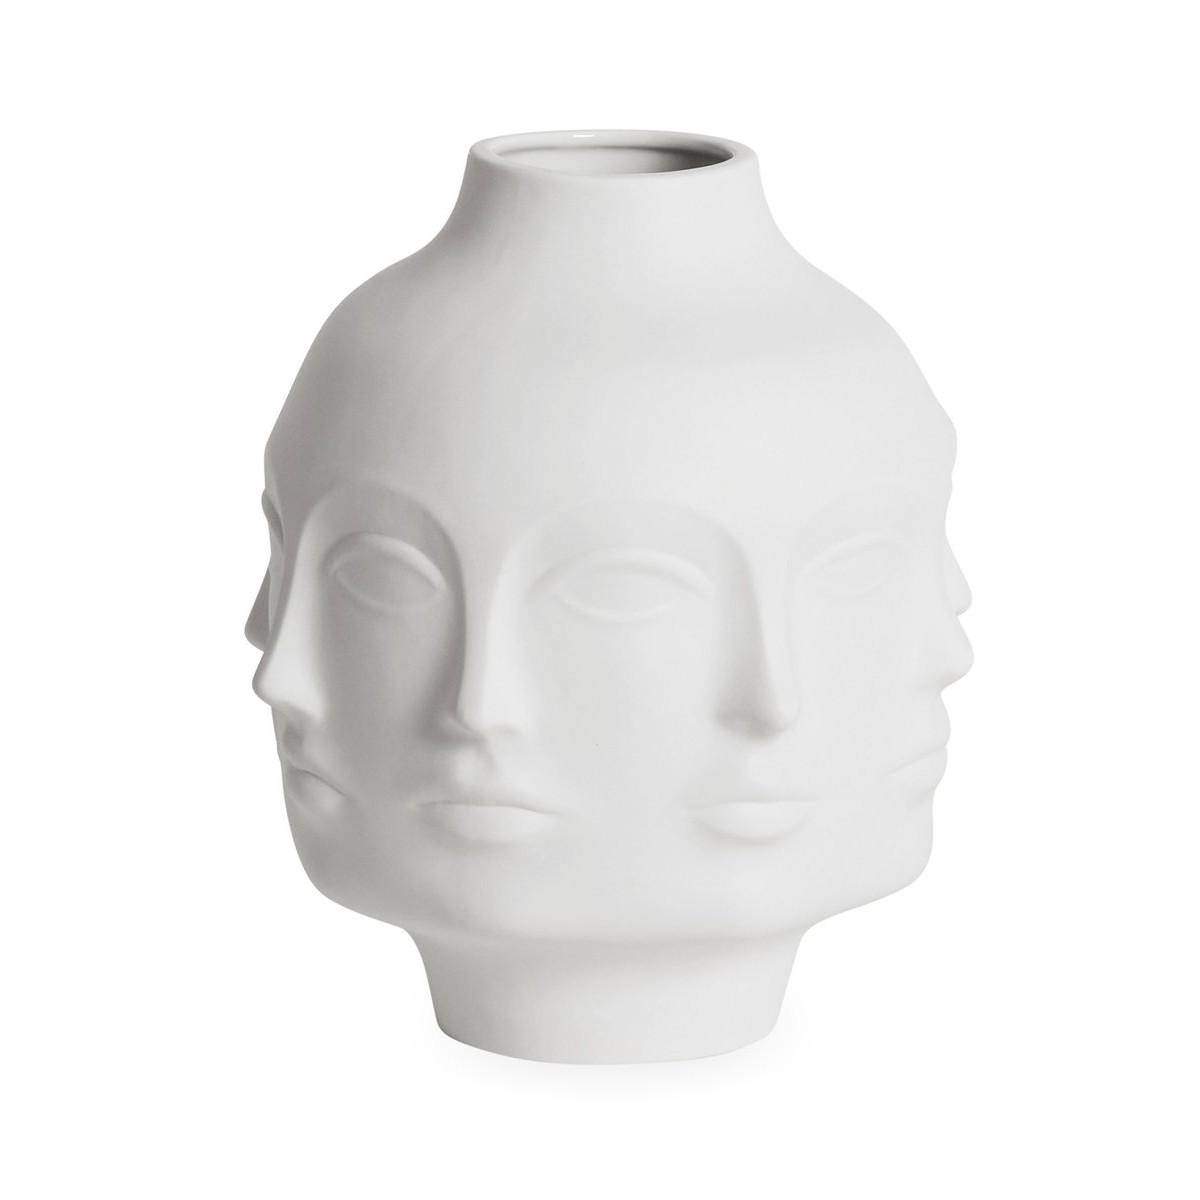 Jonathan Adler I Large Dora Maar Vase